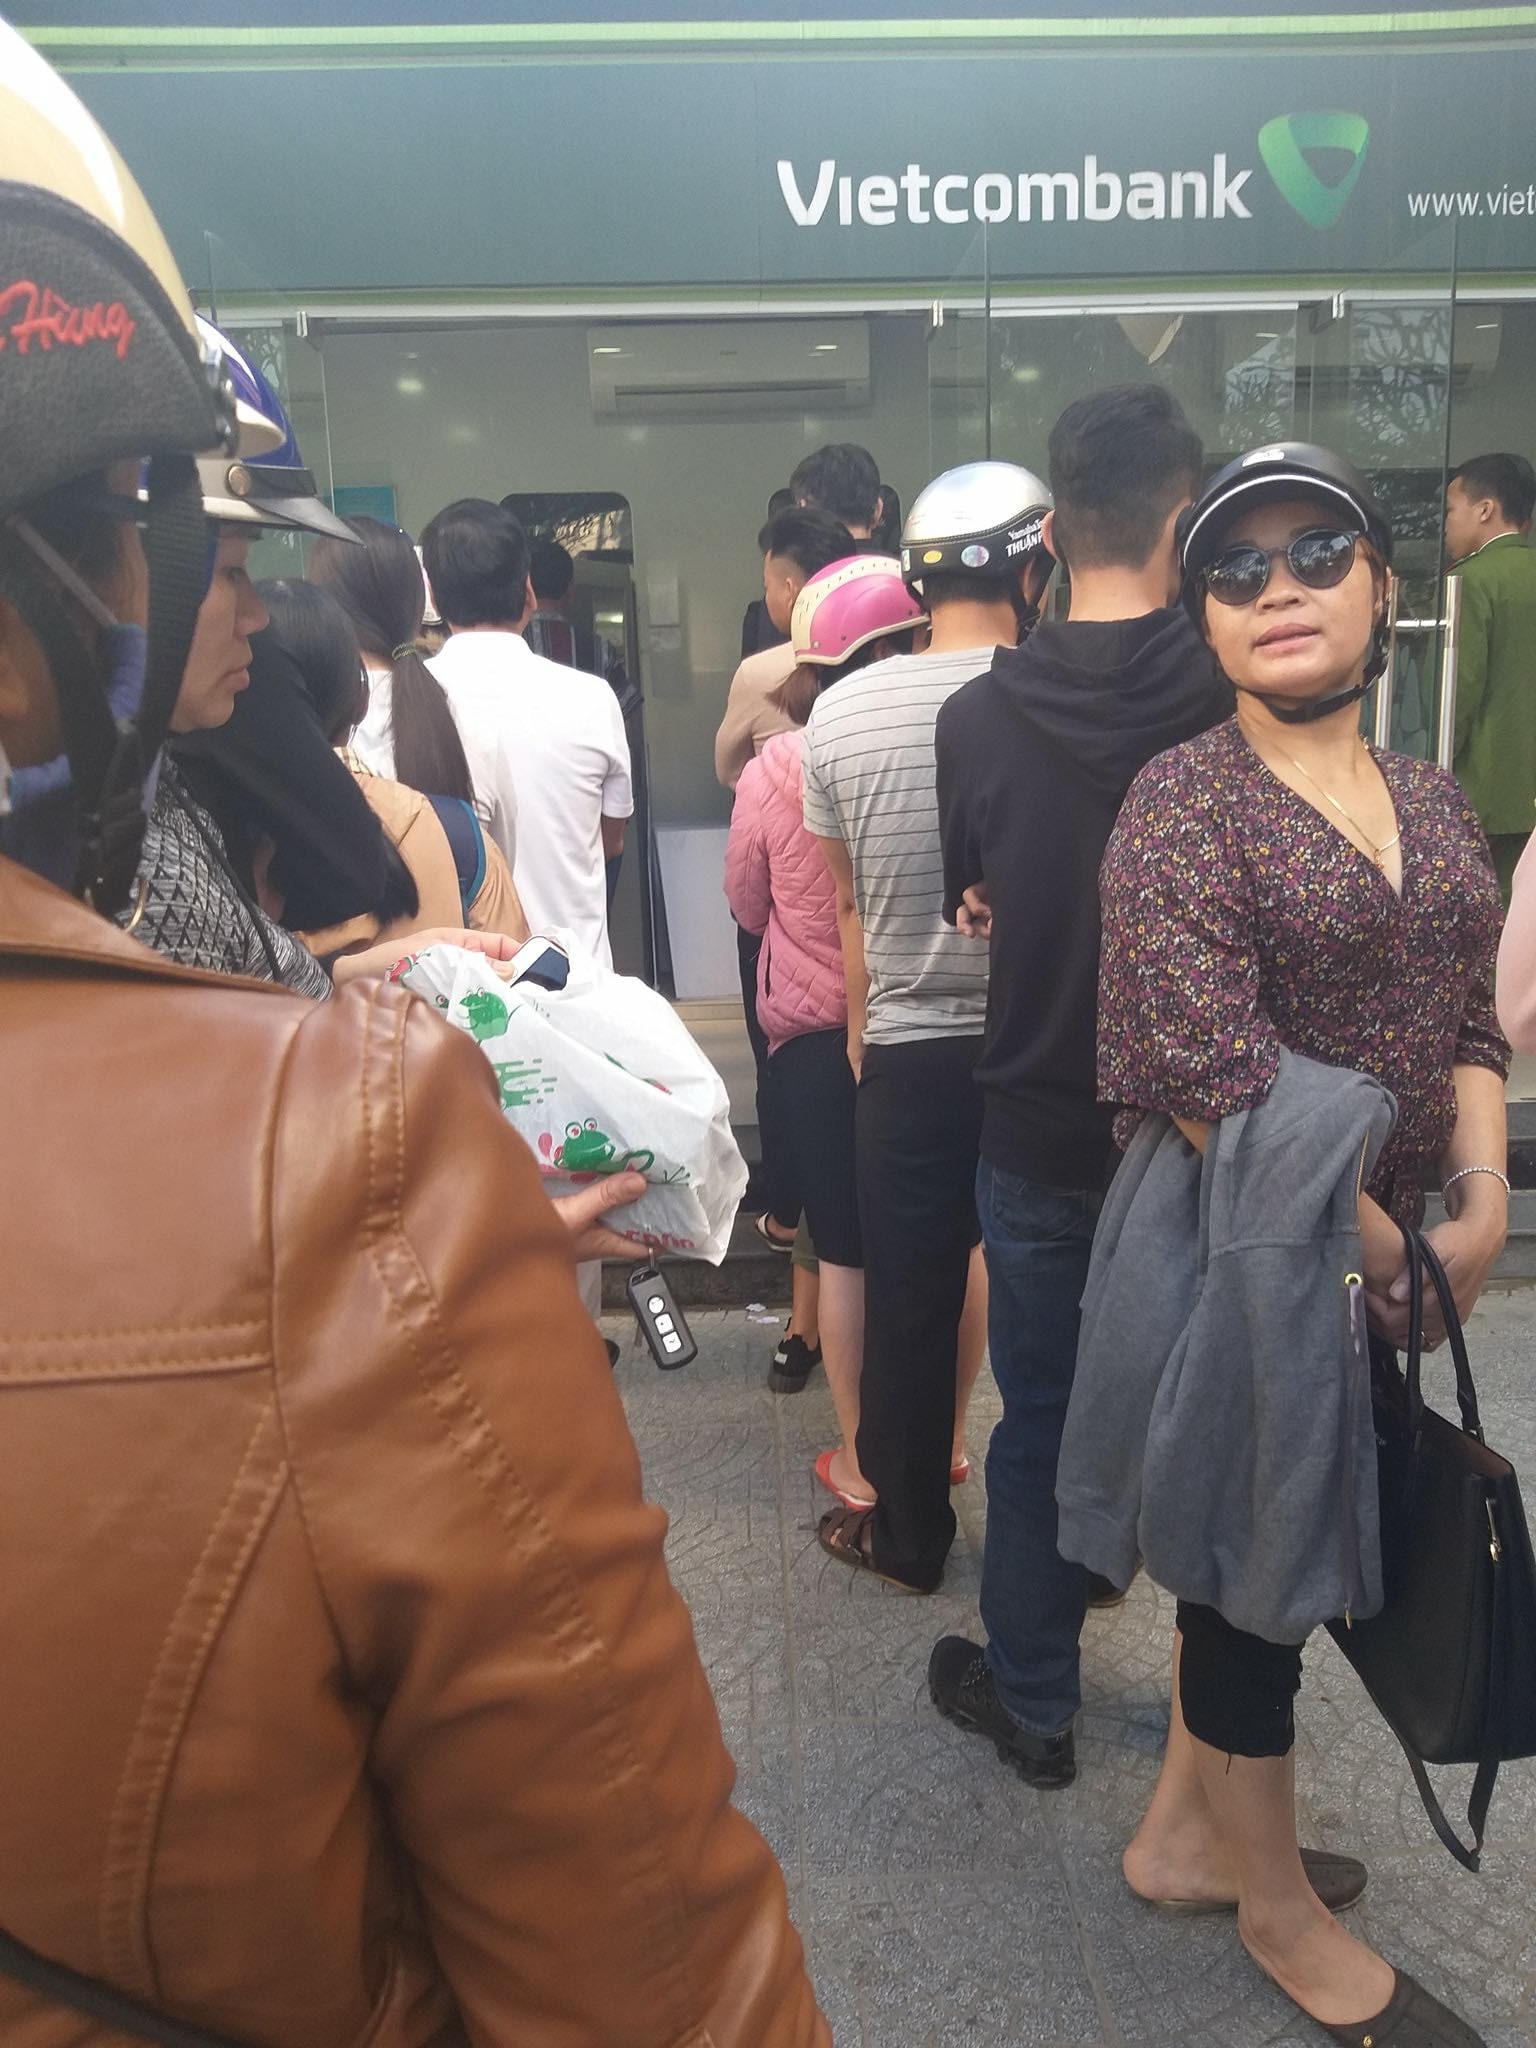 Khổ như đi rút tiền ngày Tết: Chạy xe vài km tìm cây ATM, mang theo cả ghế nhựa ngồi xếp hàng chờ đến lượt 5